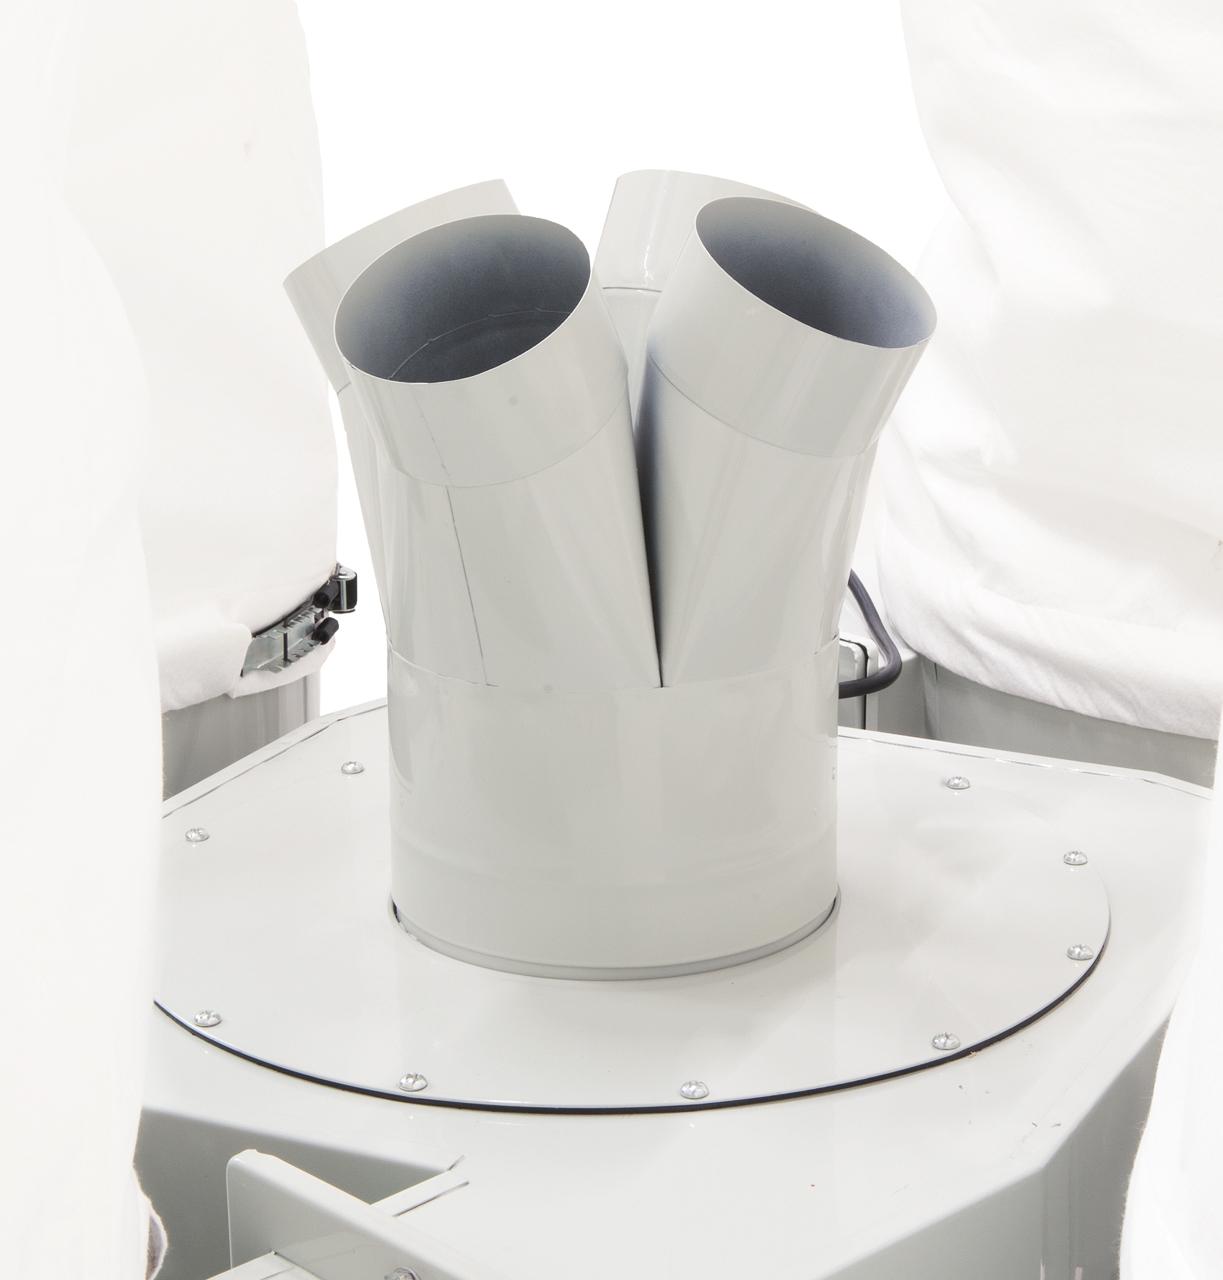 Der serienmäßige Verteiler bietet vier Anschlüsse diam. 100 mm